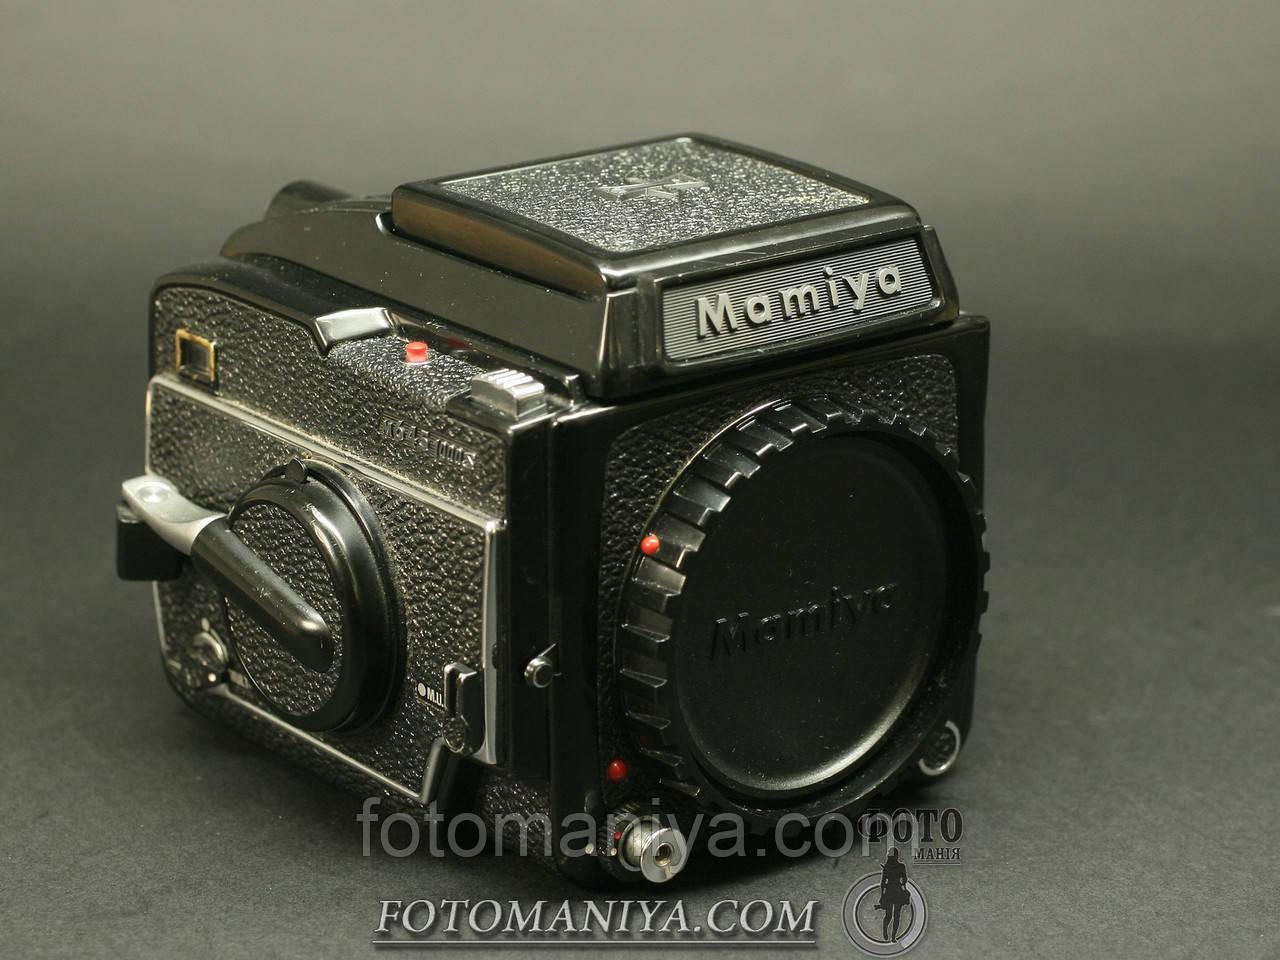 Mamiya M645 1000s body